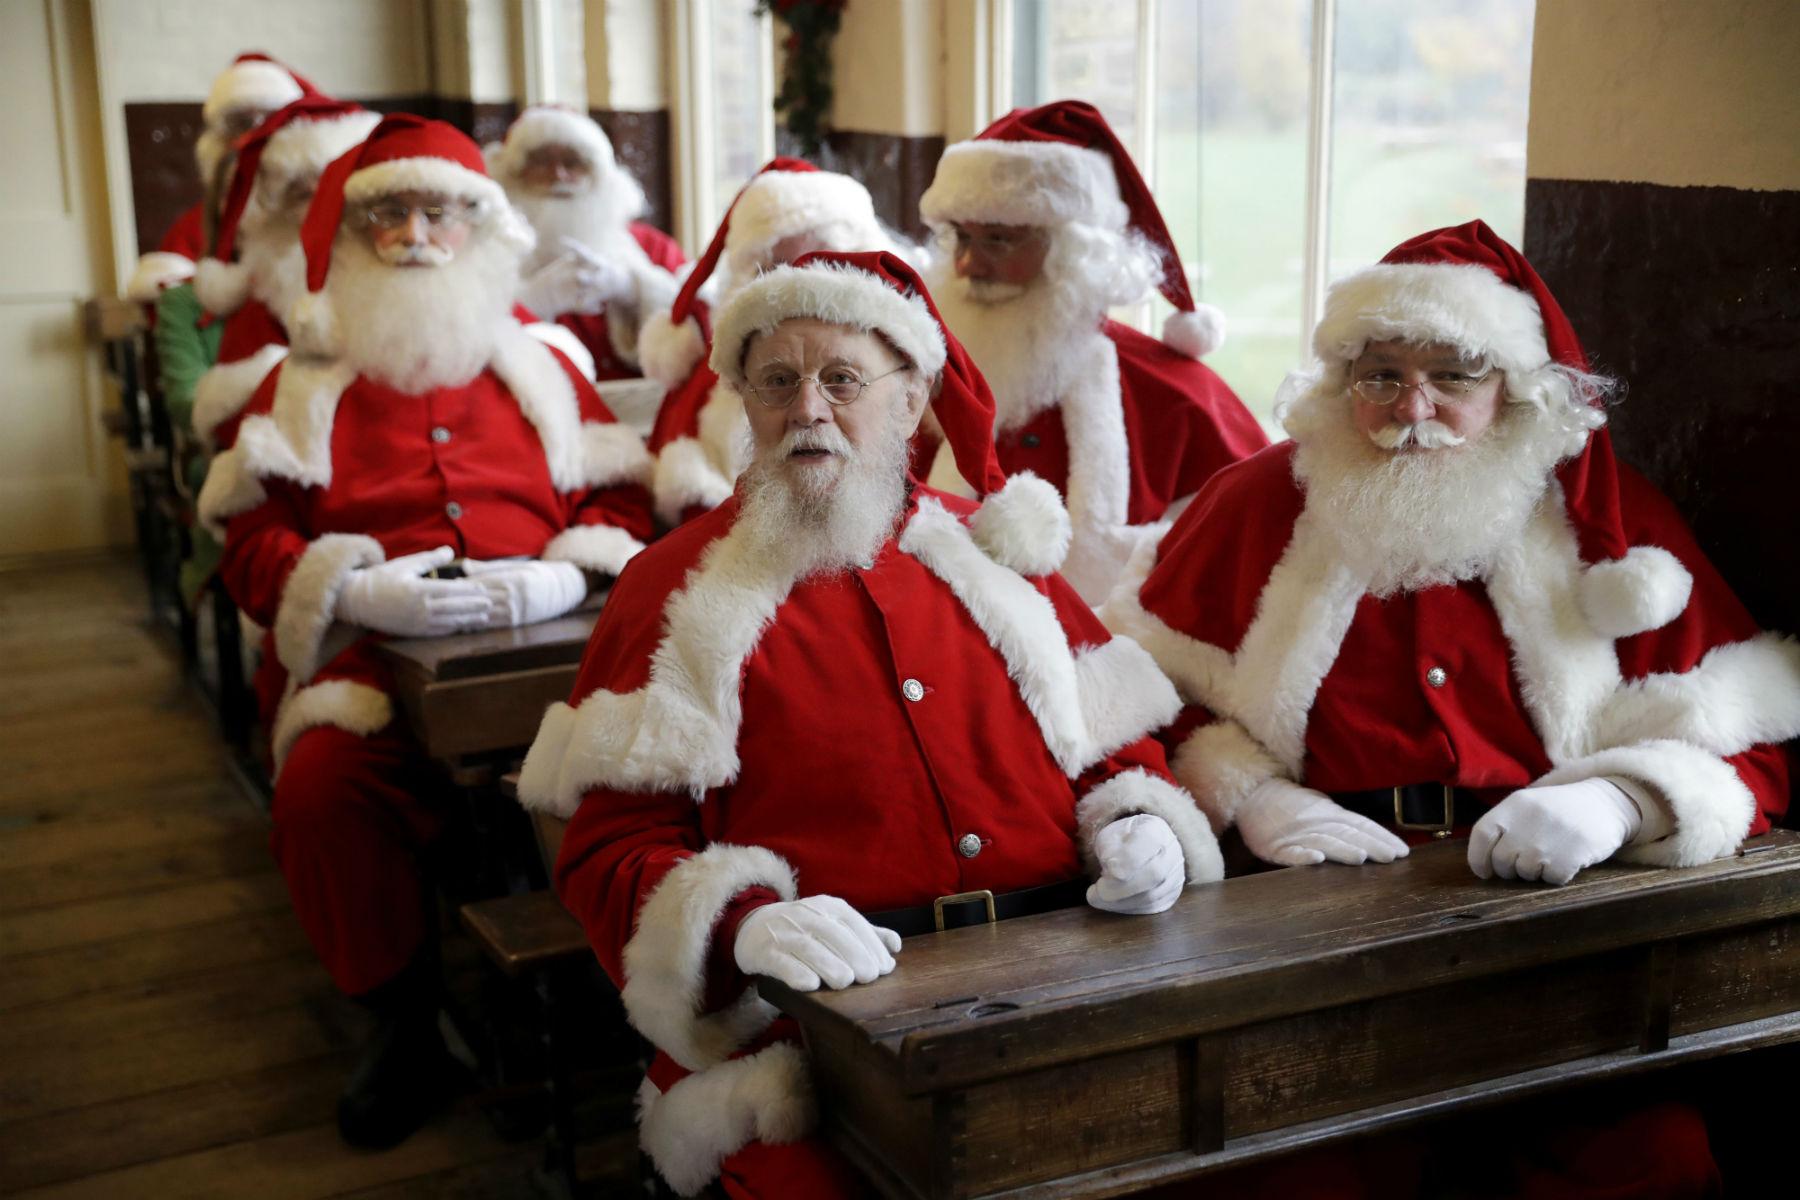 dagens billede, julemænd, skolebænk, juleskole, undervisning, julemand, jul